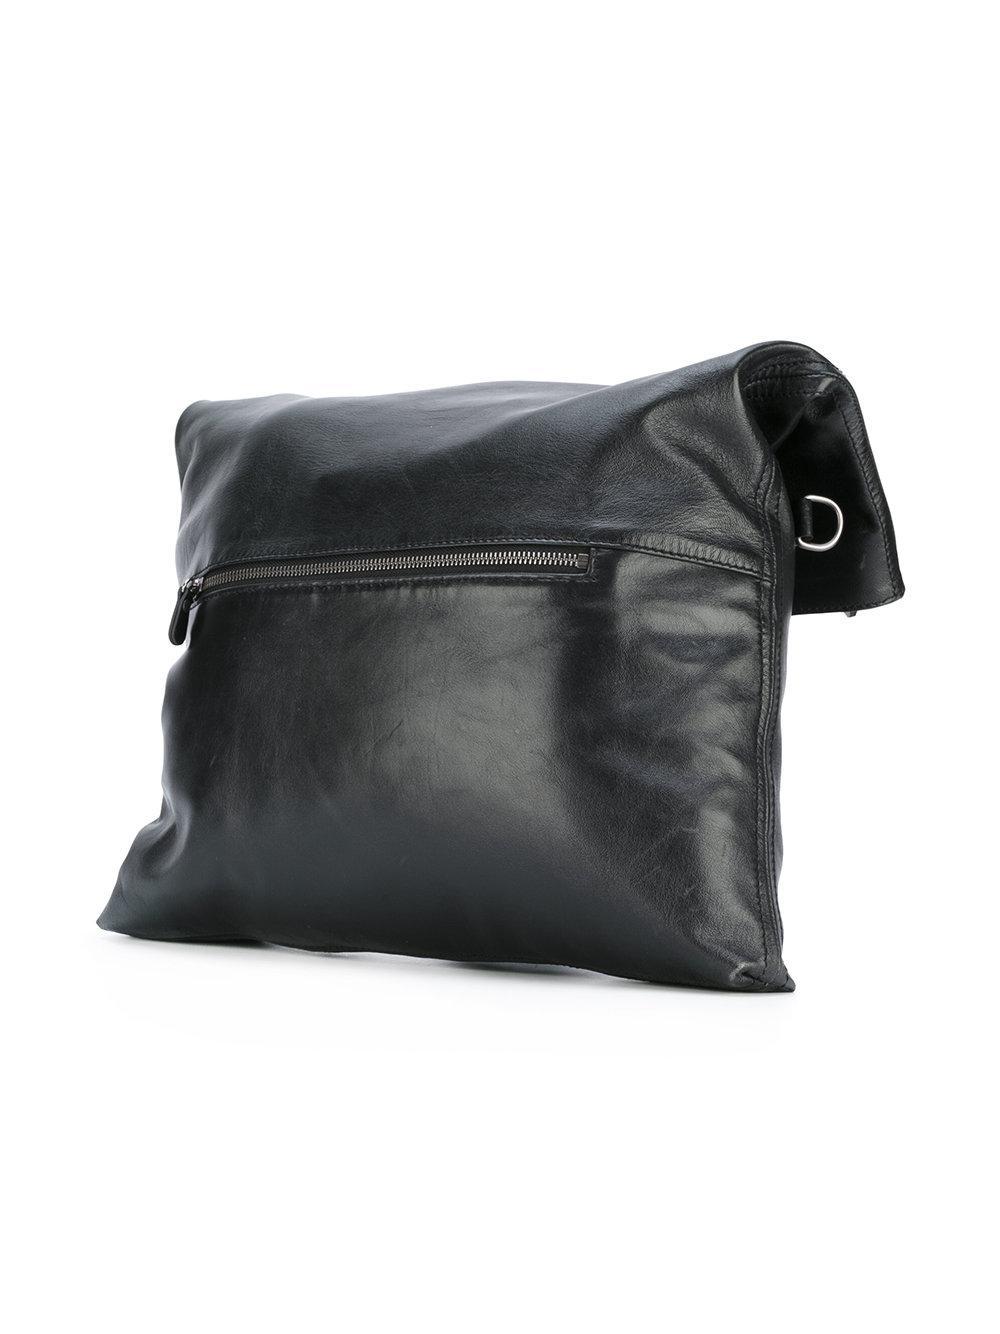 A.F.Vandevorst Leather Shoulder Strap Tote Bag in Black